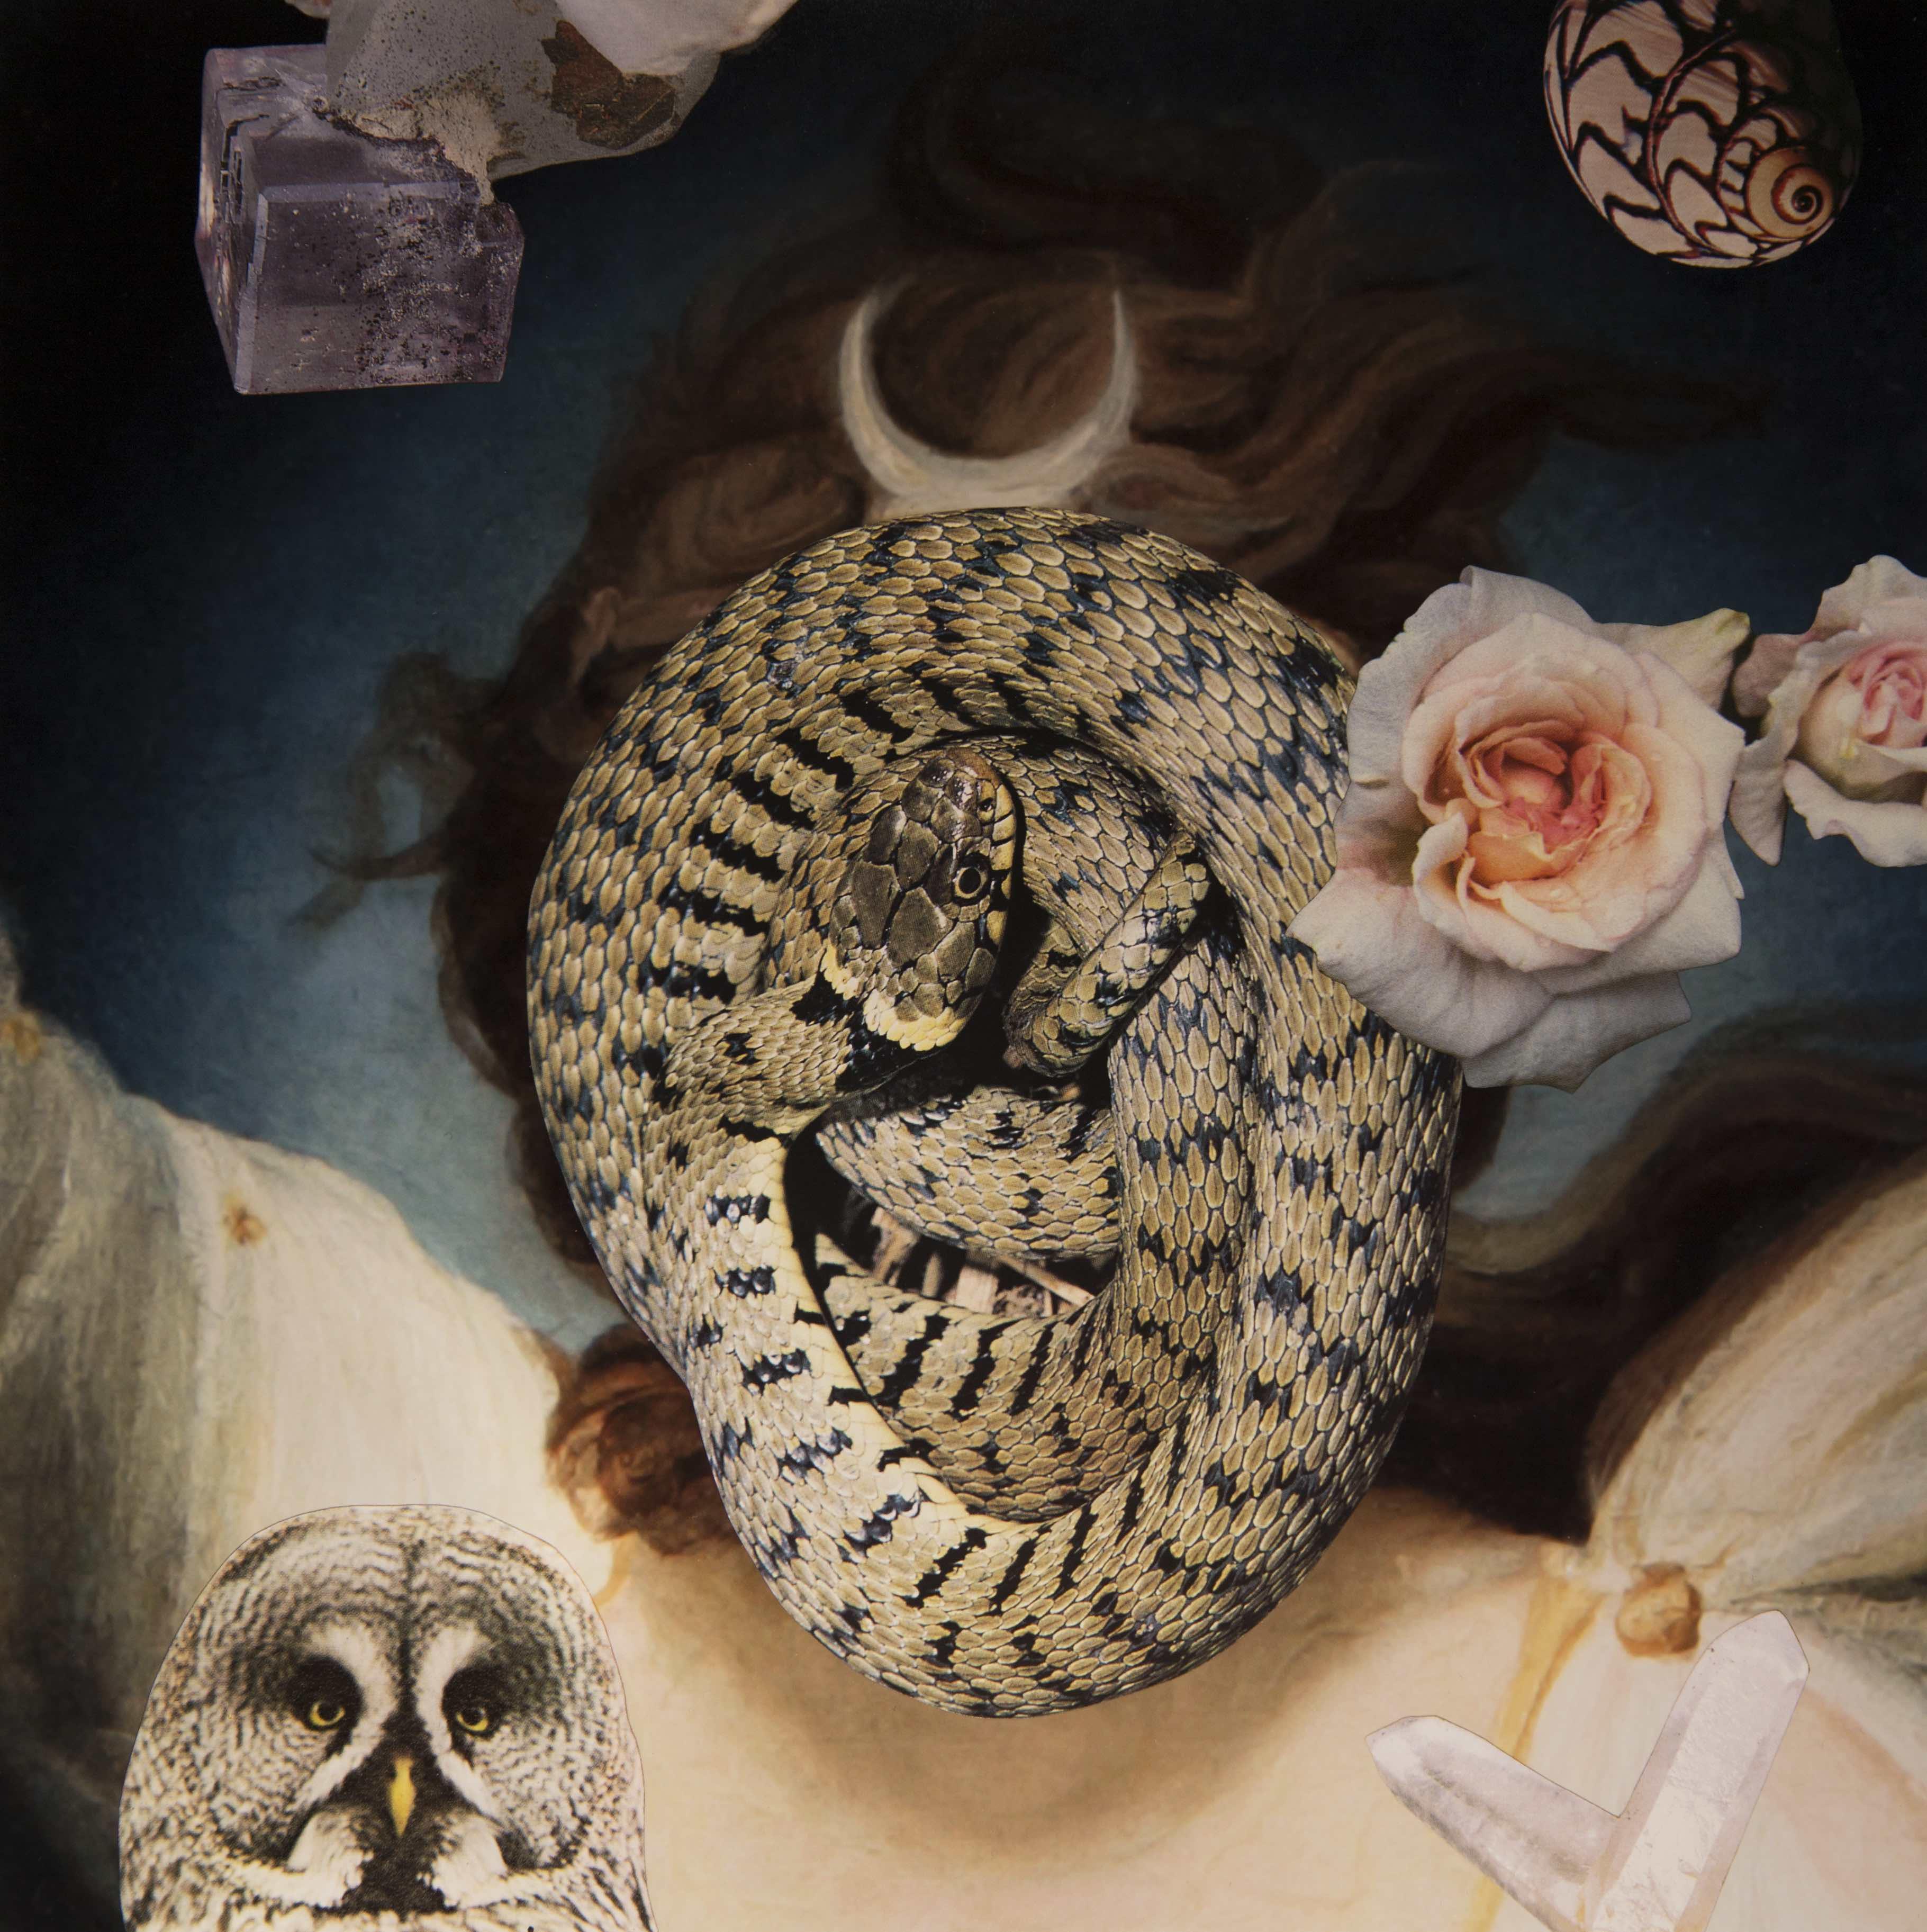 Pythia, 2017. Courtesy of Stuart Shave/Modern Art, Dependance, Andrehn  Schiptjenko, Blum & Poe